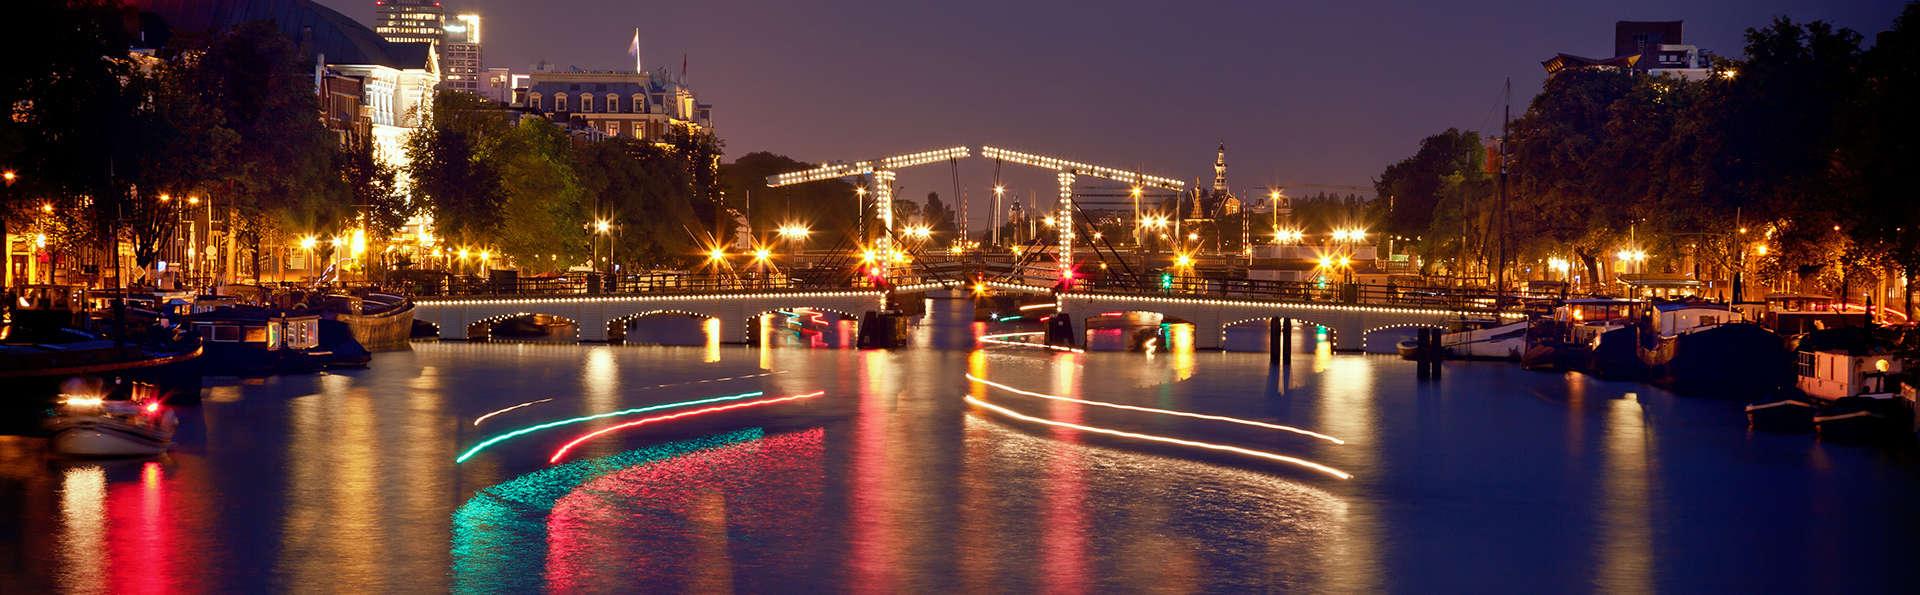 Séjour dans un hôtel 3 étoiles à Amsterdam près d'Amstel